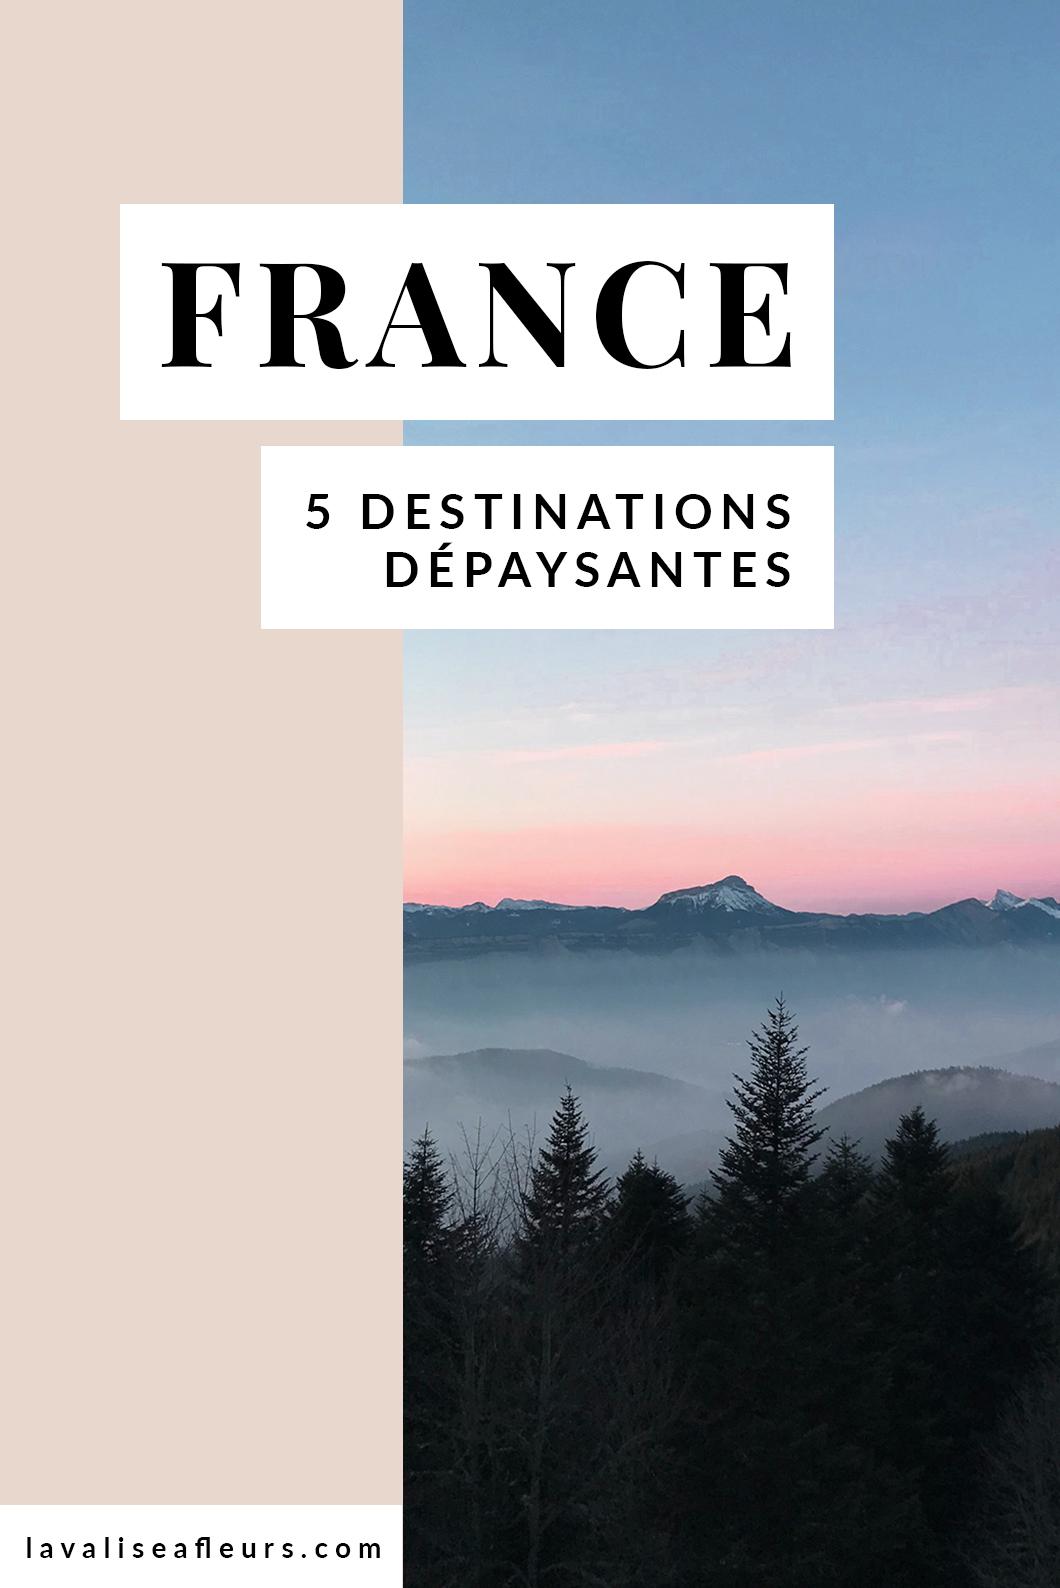 5 destinations dépaysantes en France pour un week end